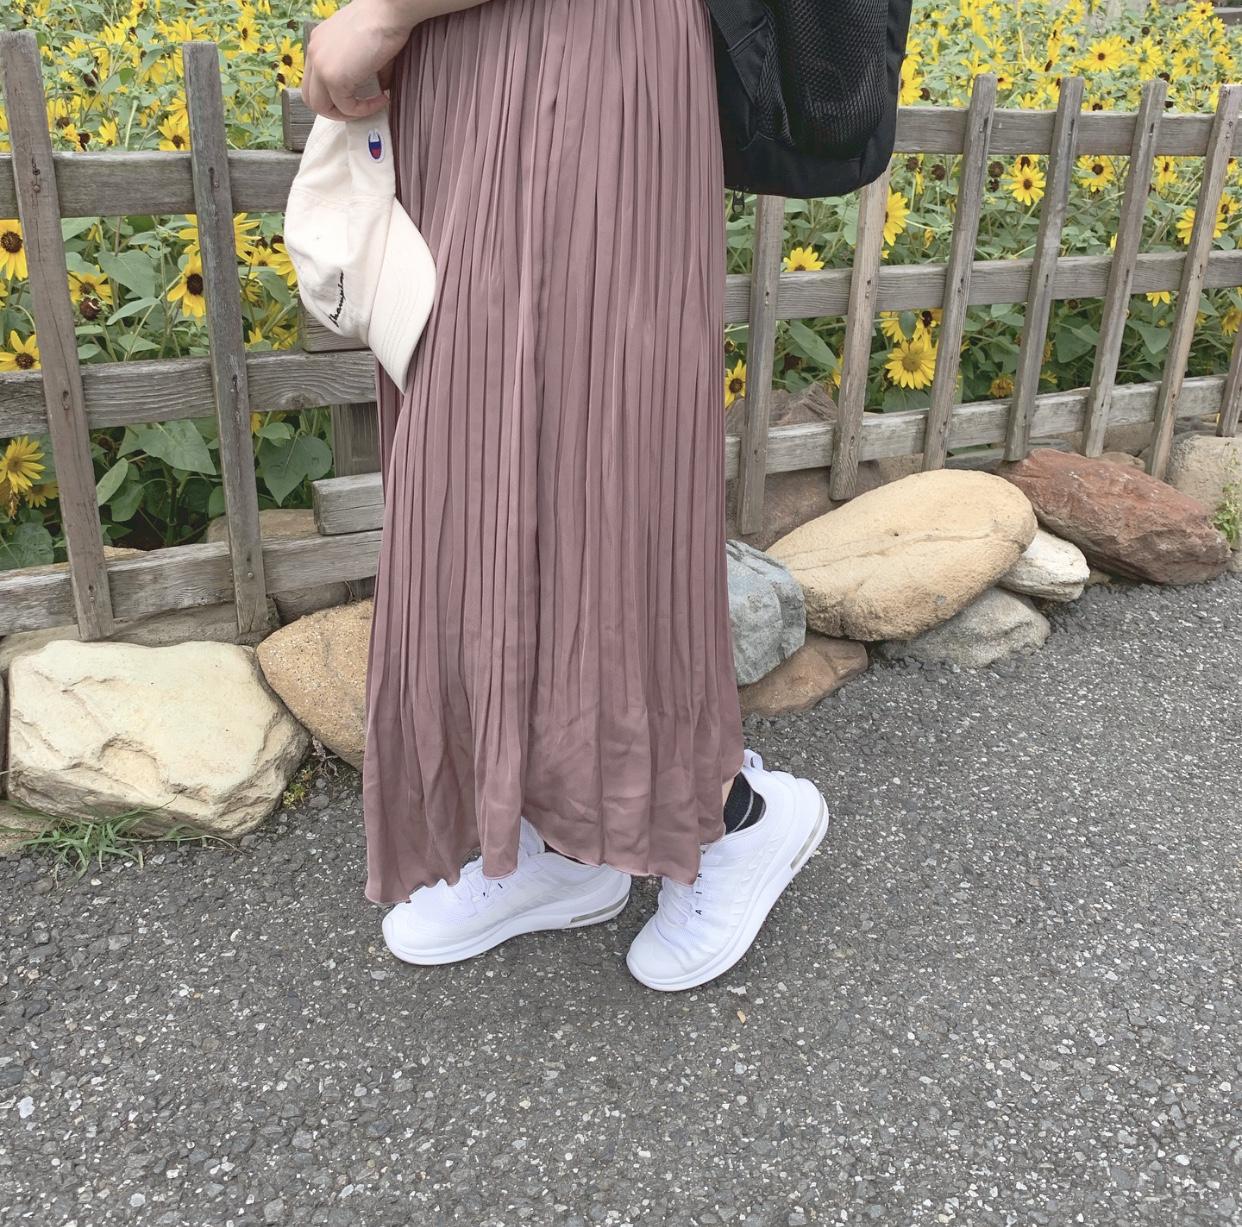 大人っぽいスニーカーコーデ特集《2019年版》 - 20代女子のきれいめカジュアルにおすすめのスニーカーは?_30